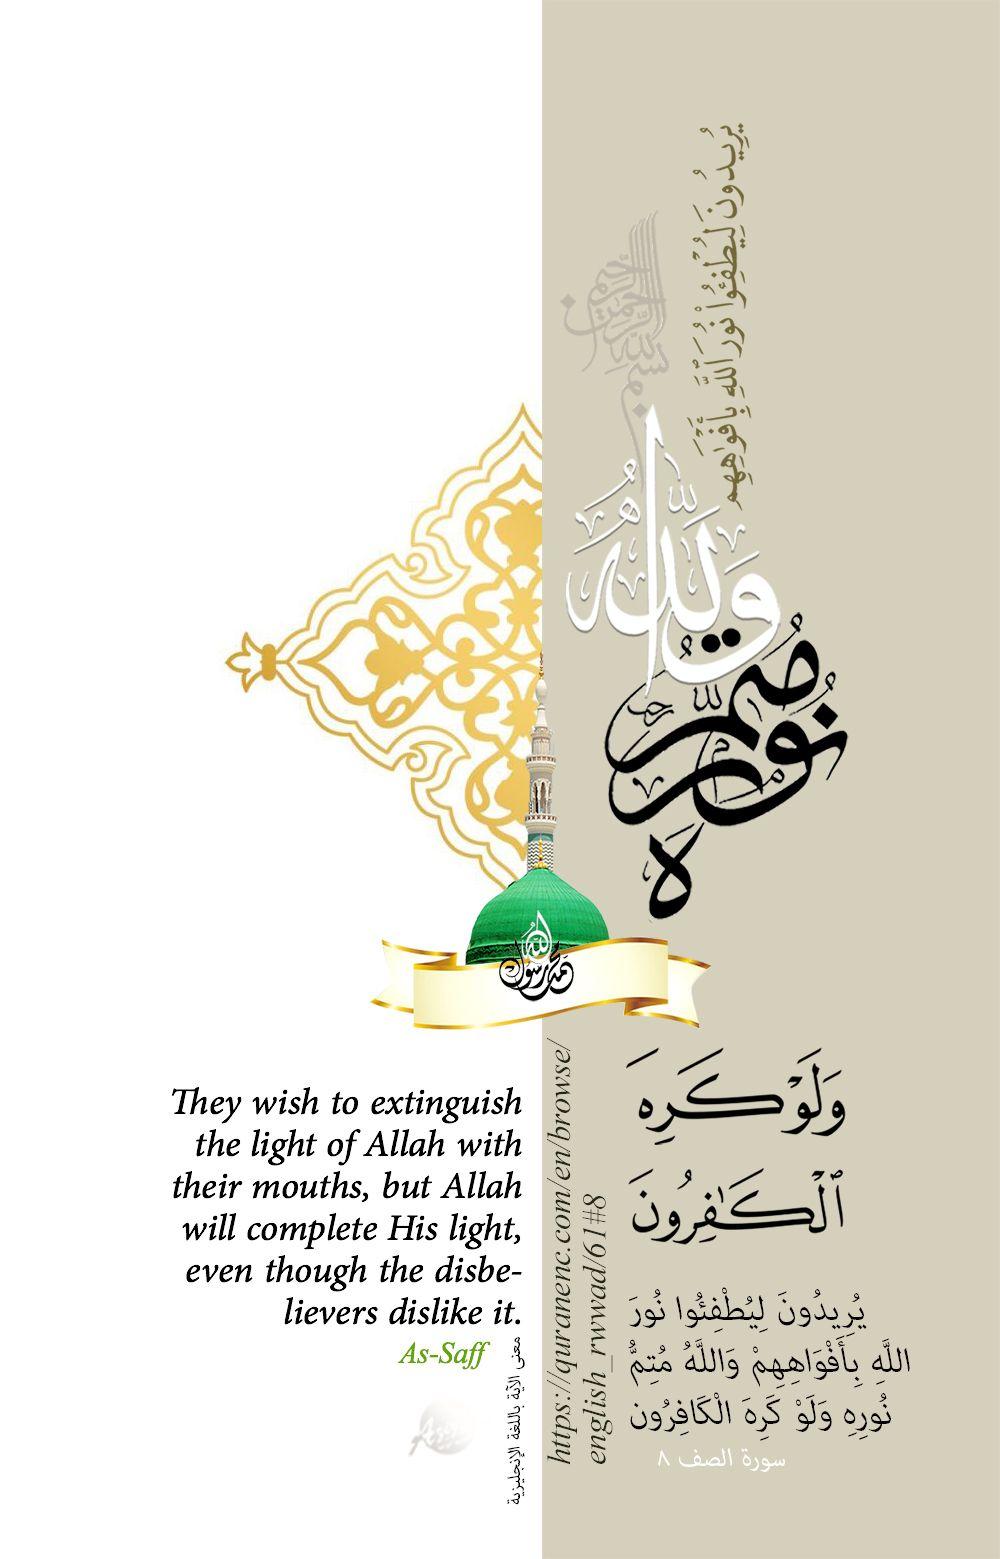 يريدون ليطفئوا نور الله بأفواههم والله متم نوره ولو كره الكافرون English Prayers Allah Arabic Quotes